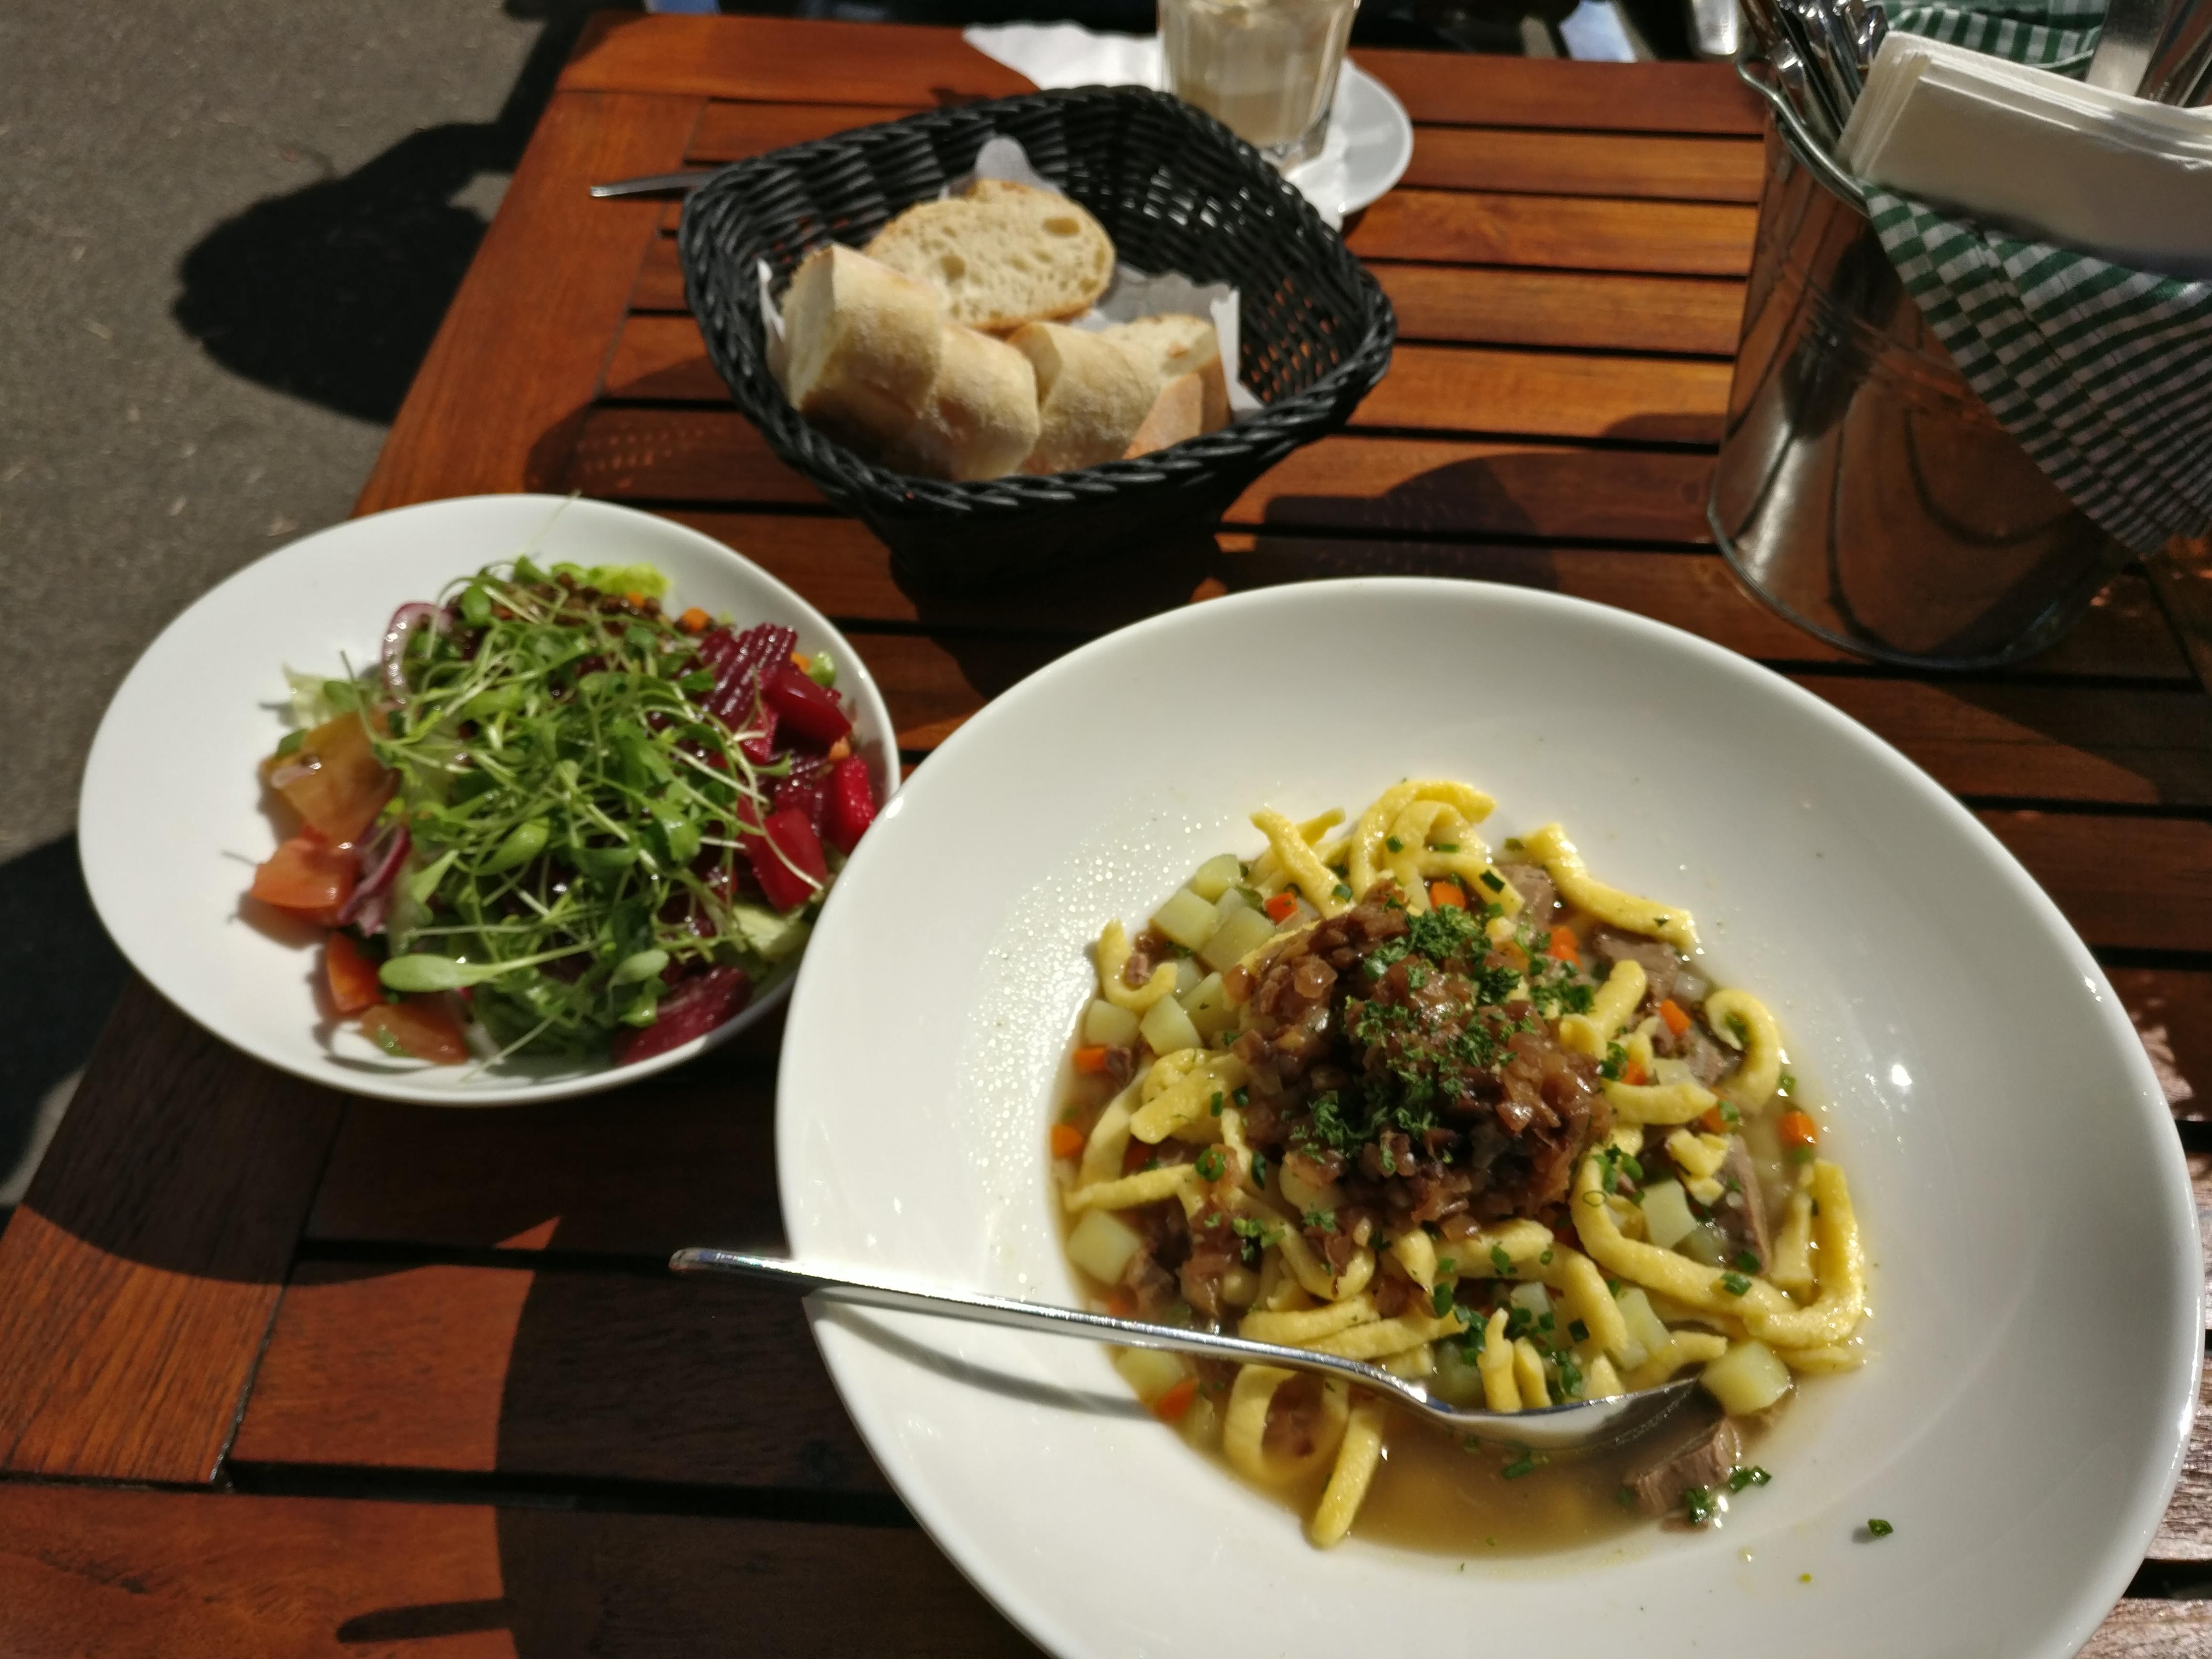 http://foodloader.net/nico_2017-04-12_gaisburger-marsch-salat-brot.jpg